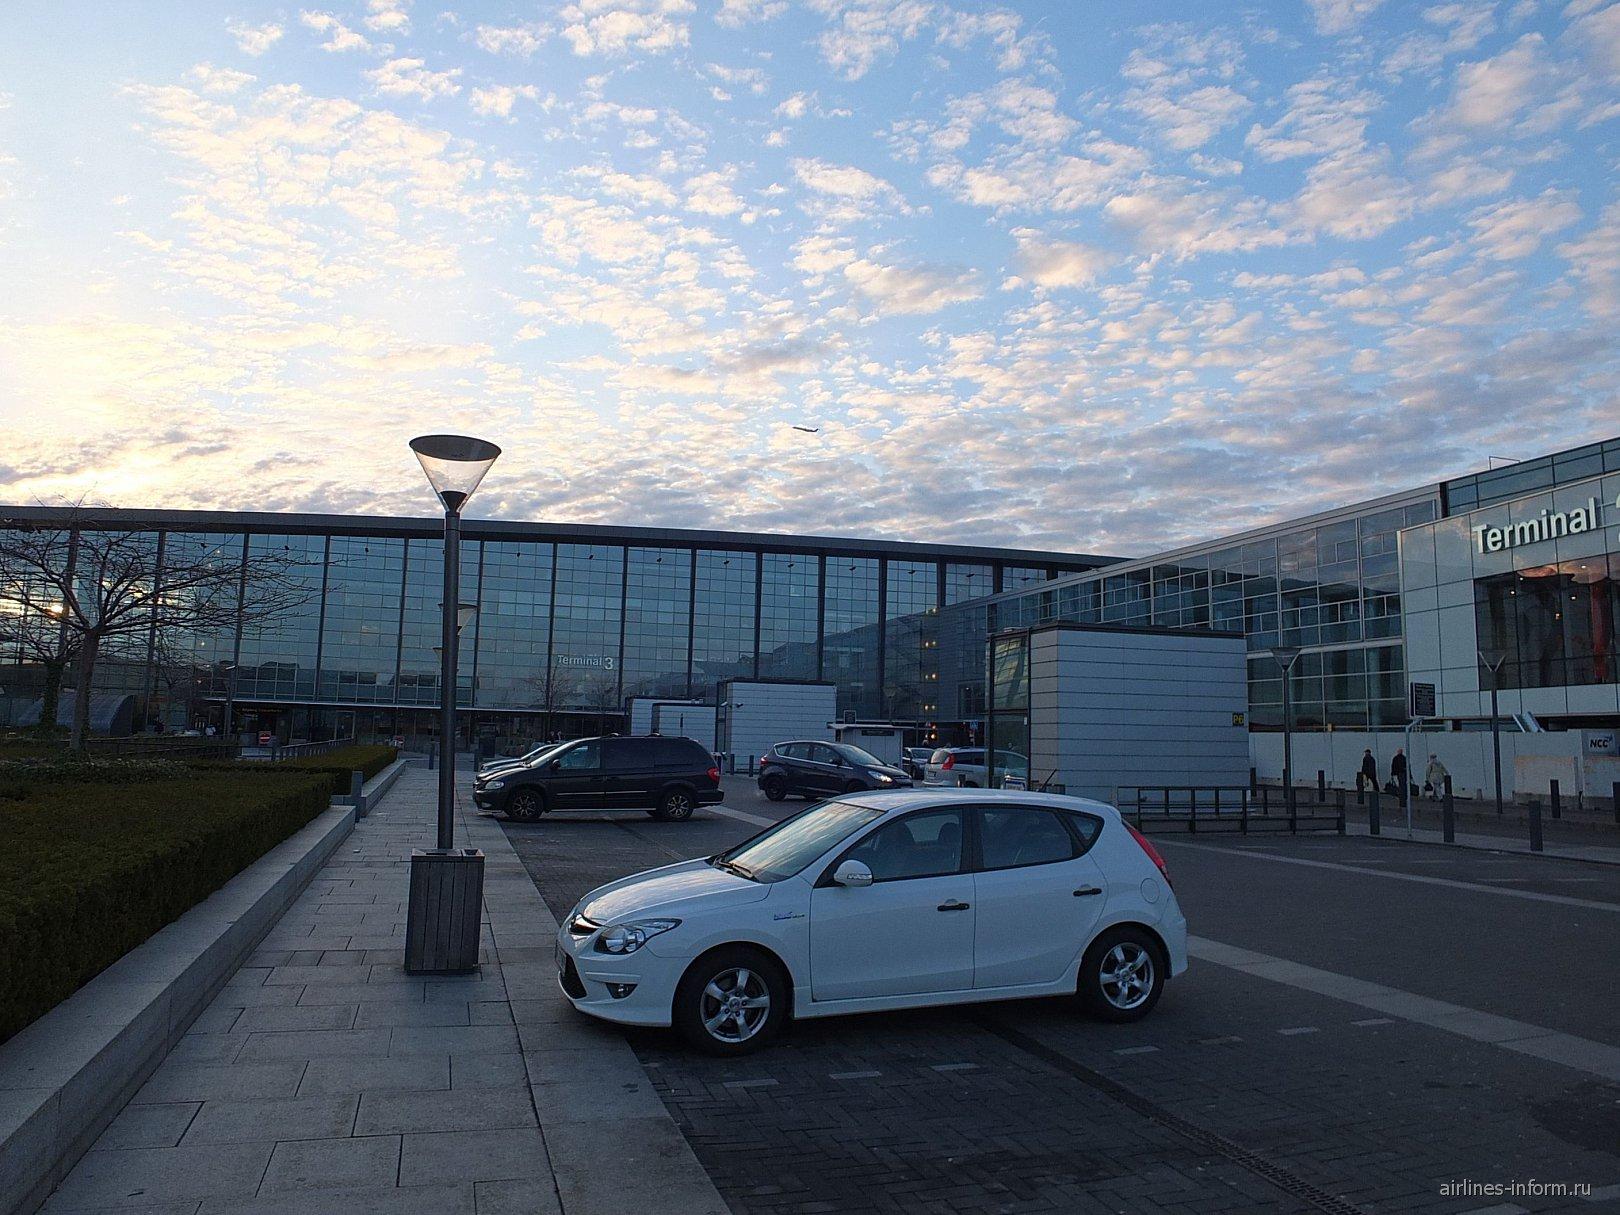 Терминалы 2 и 3 аэропорта Копенгаген Каструп